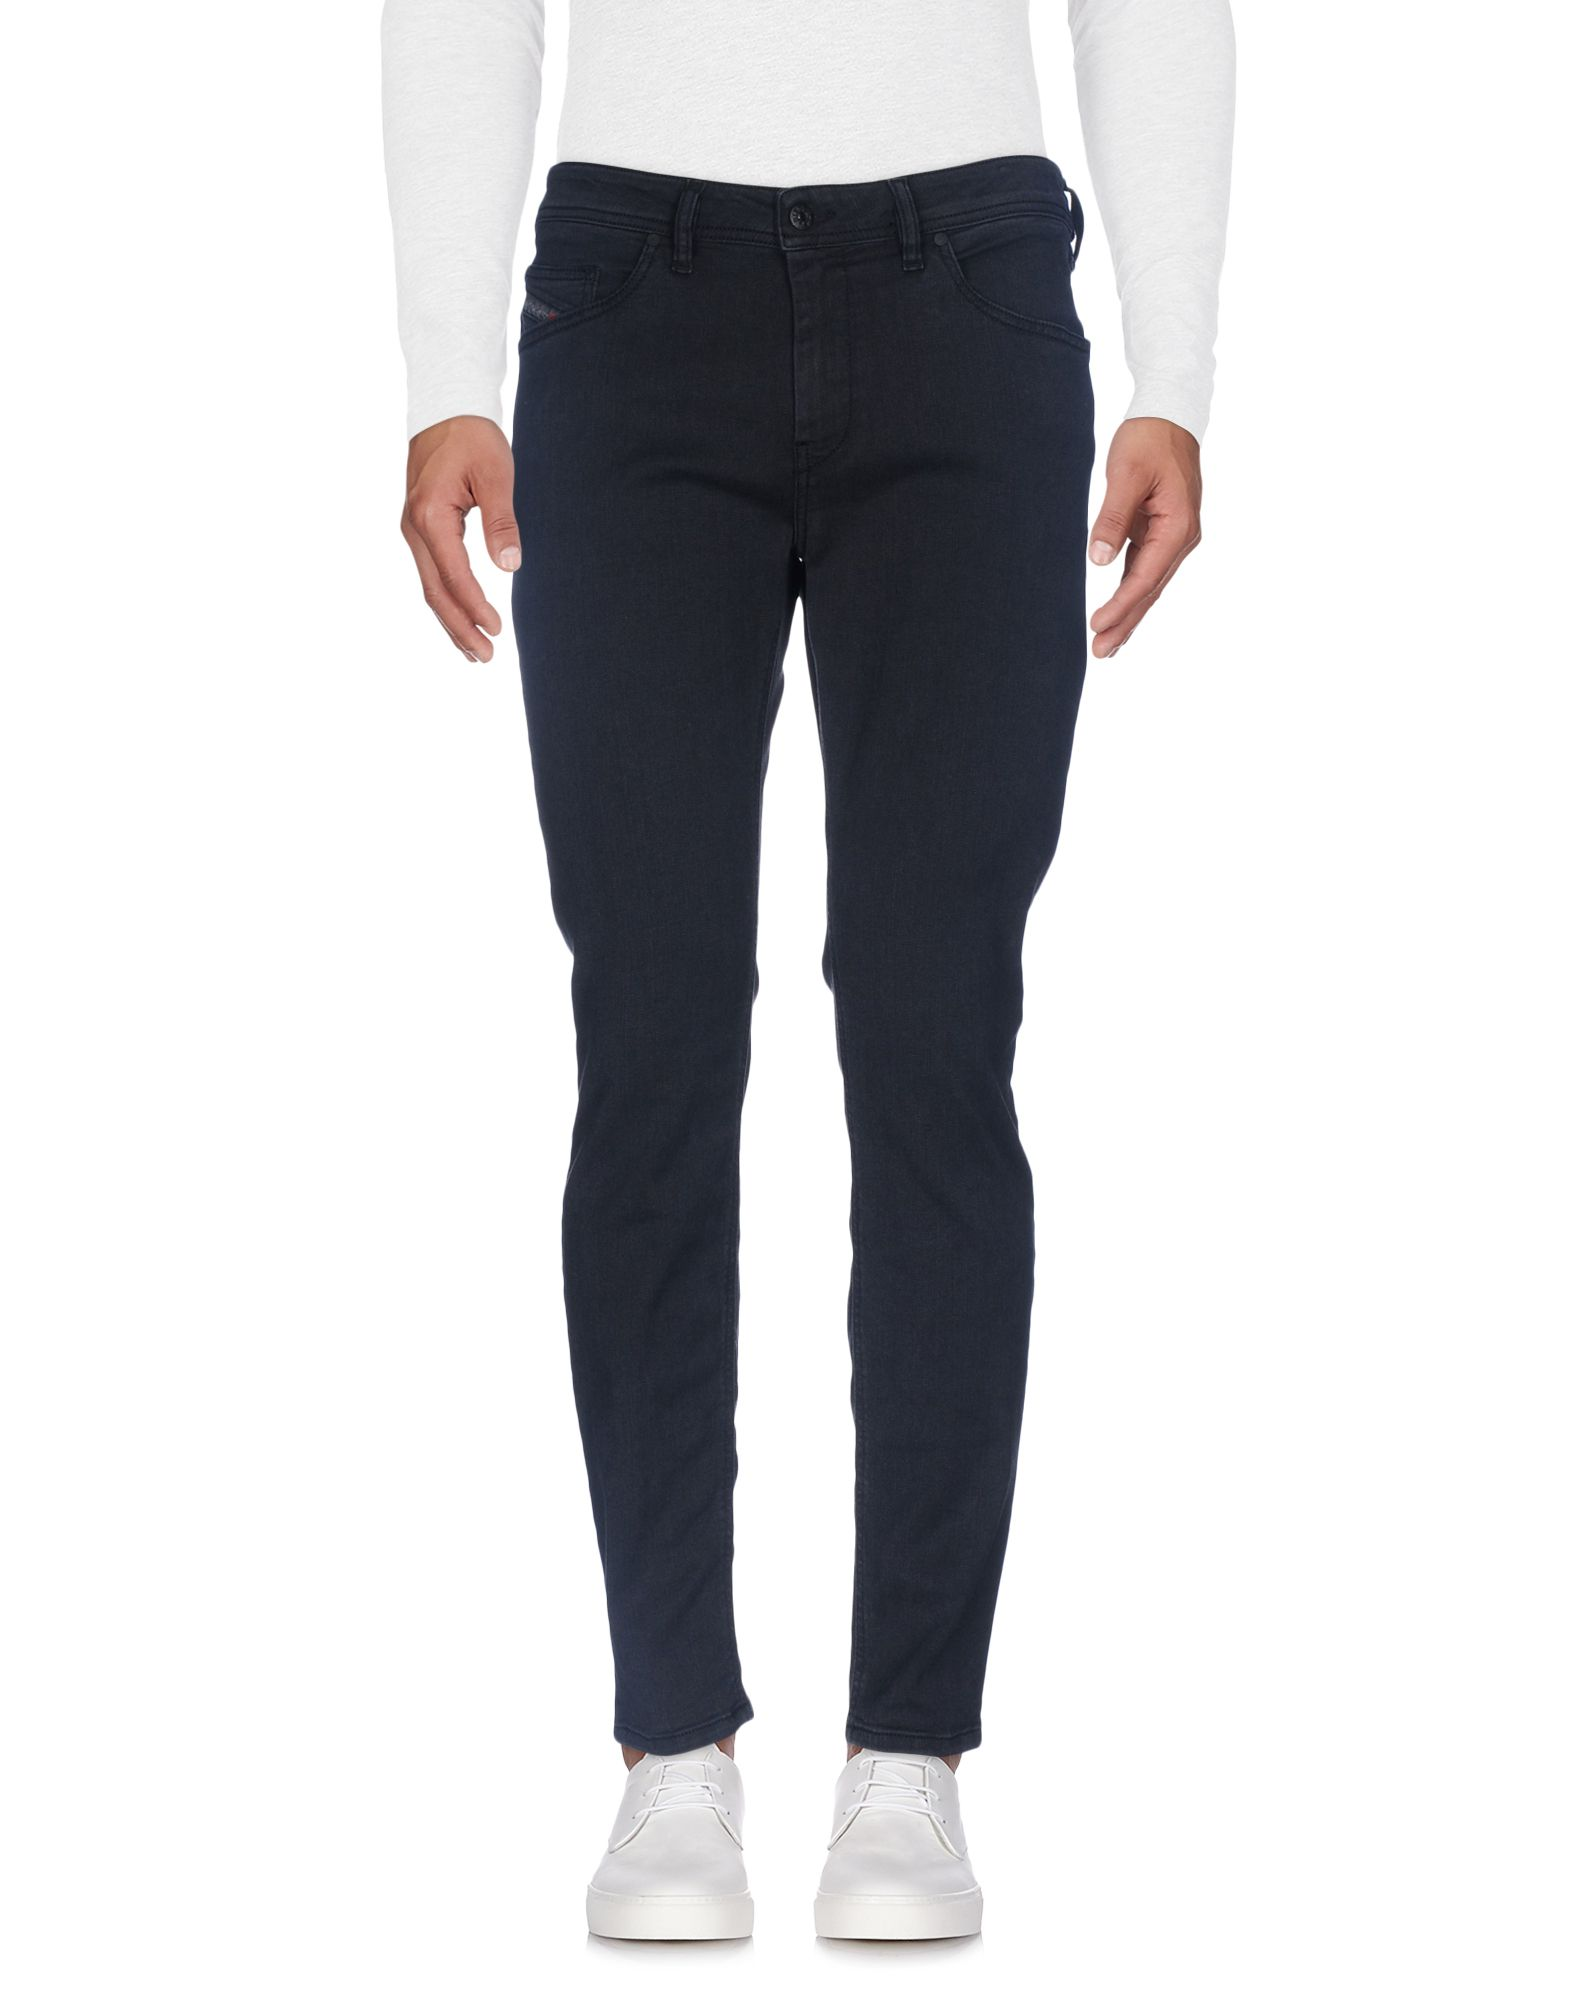 Pantaloni - Jeans Diesel Uomo - Pantaloni 42592613LA 1c78f6